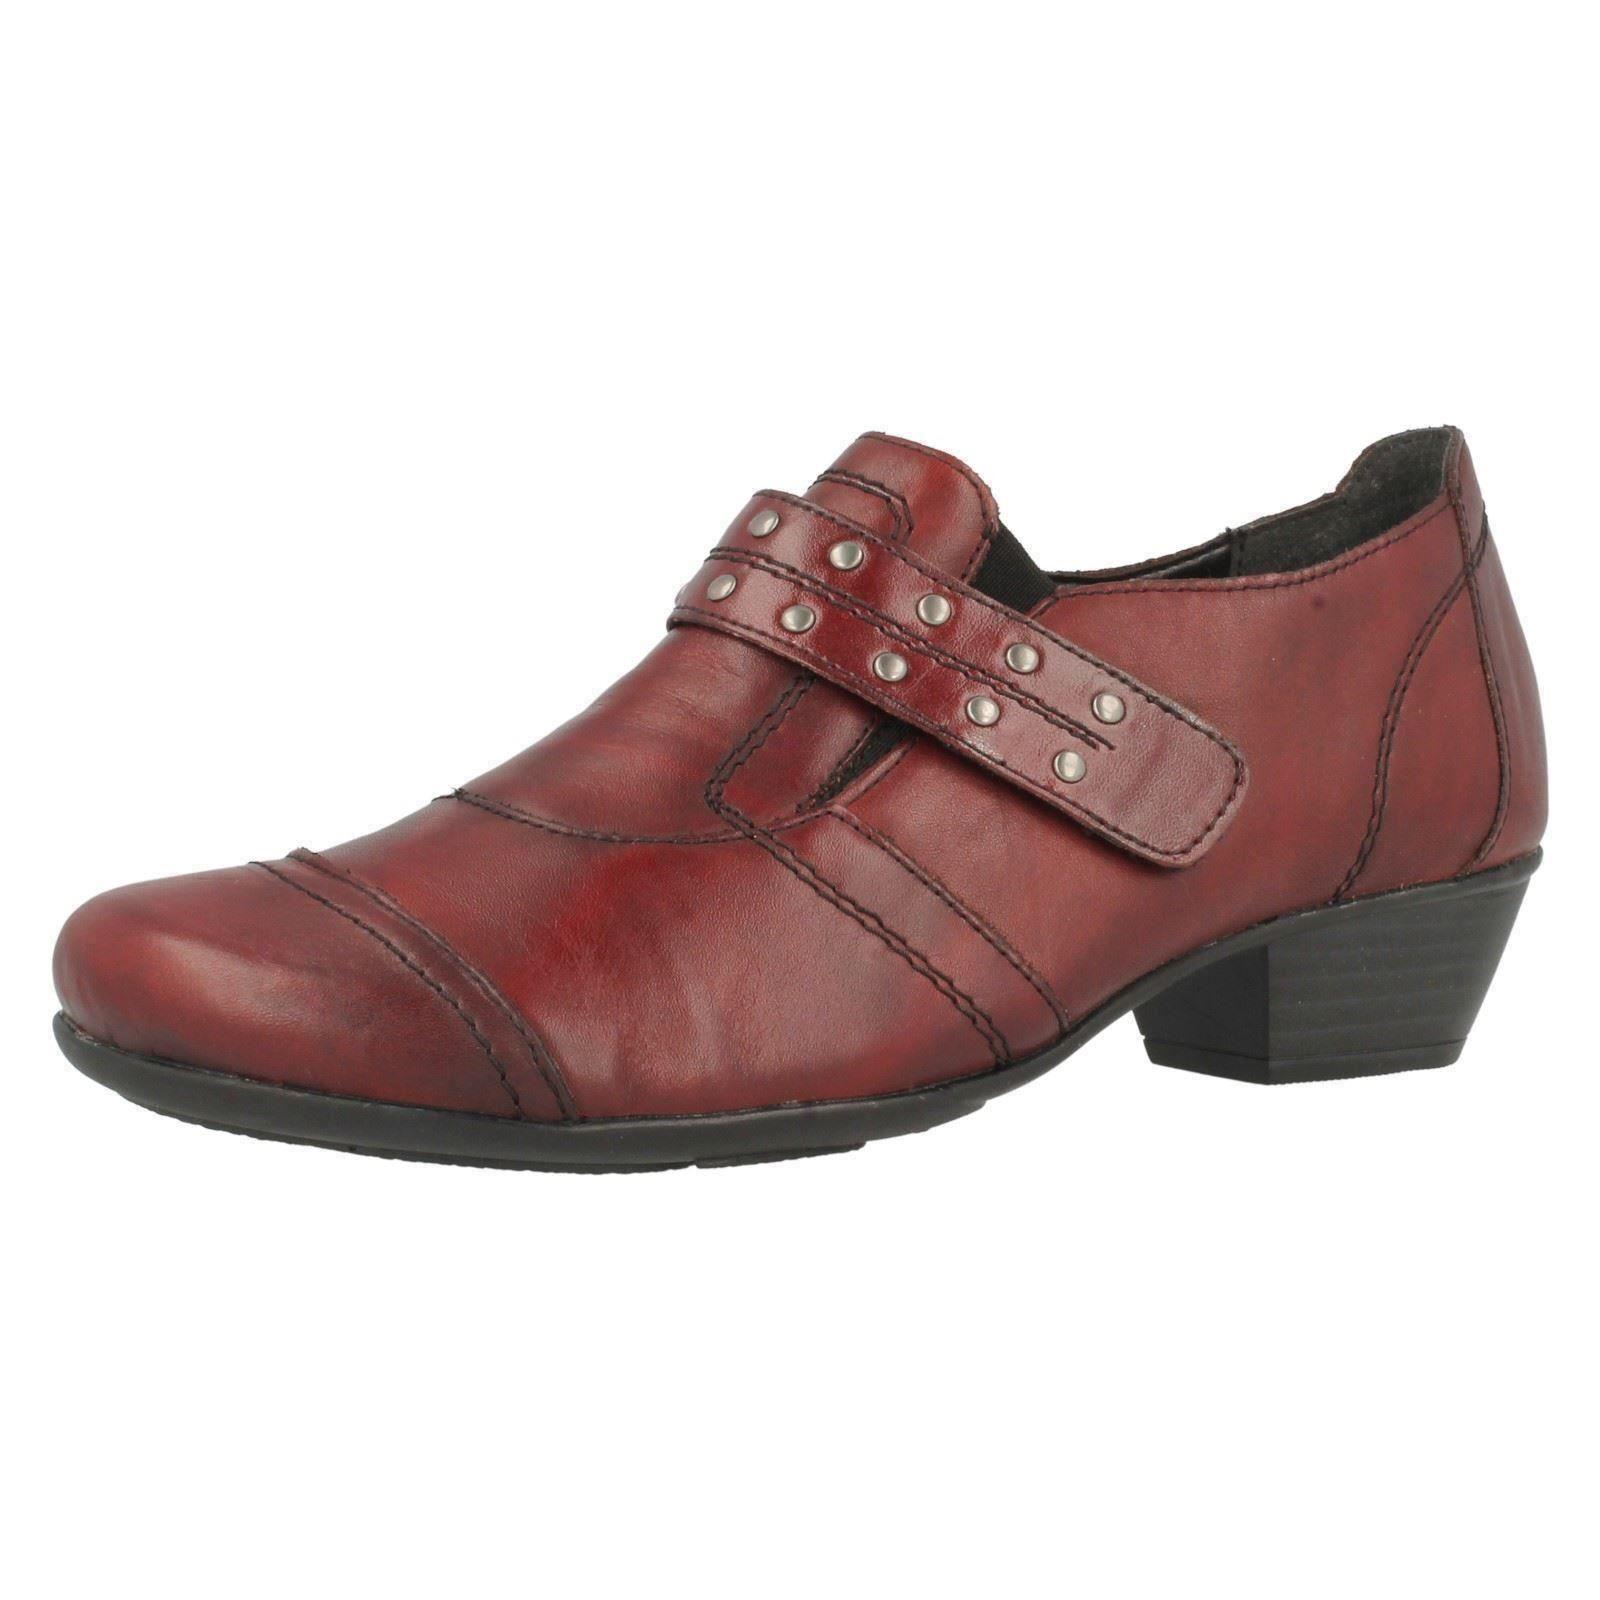 Remonte 'd7331-35' 'd7331-35' 'd7331-35' mujer Zapatos rojos de cuero  alta calidad